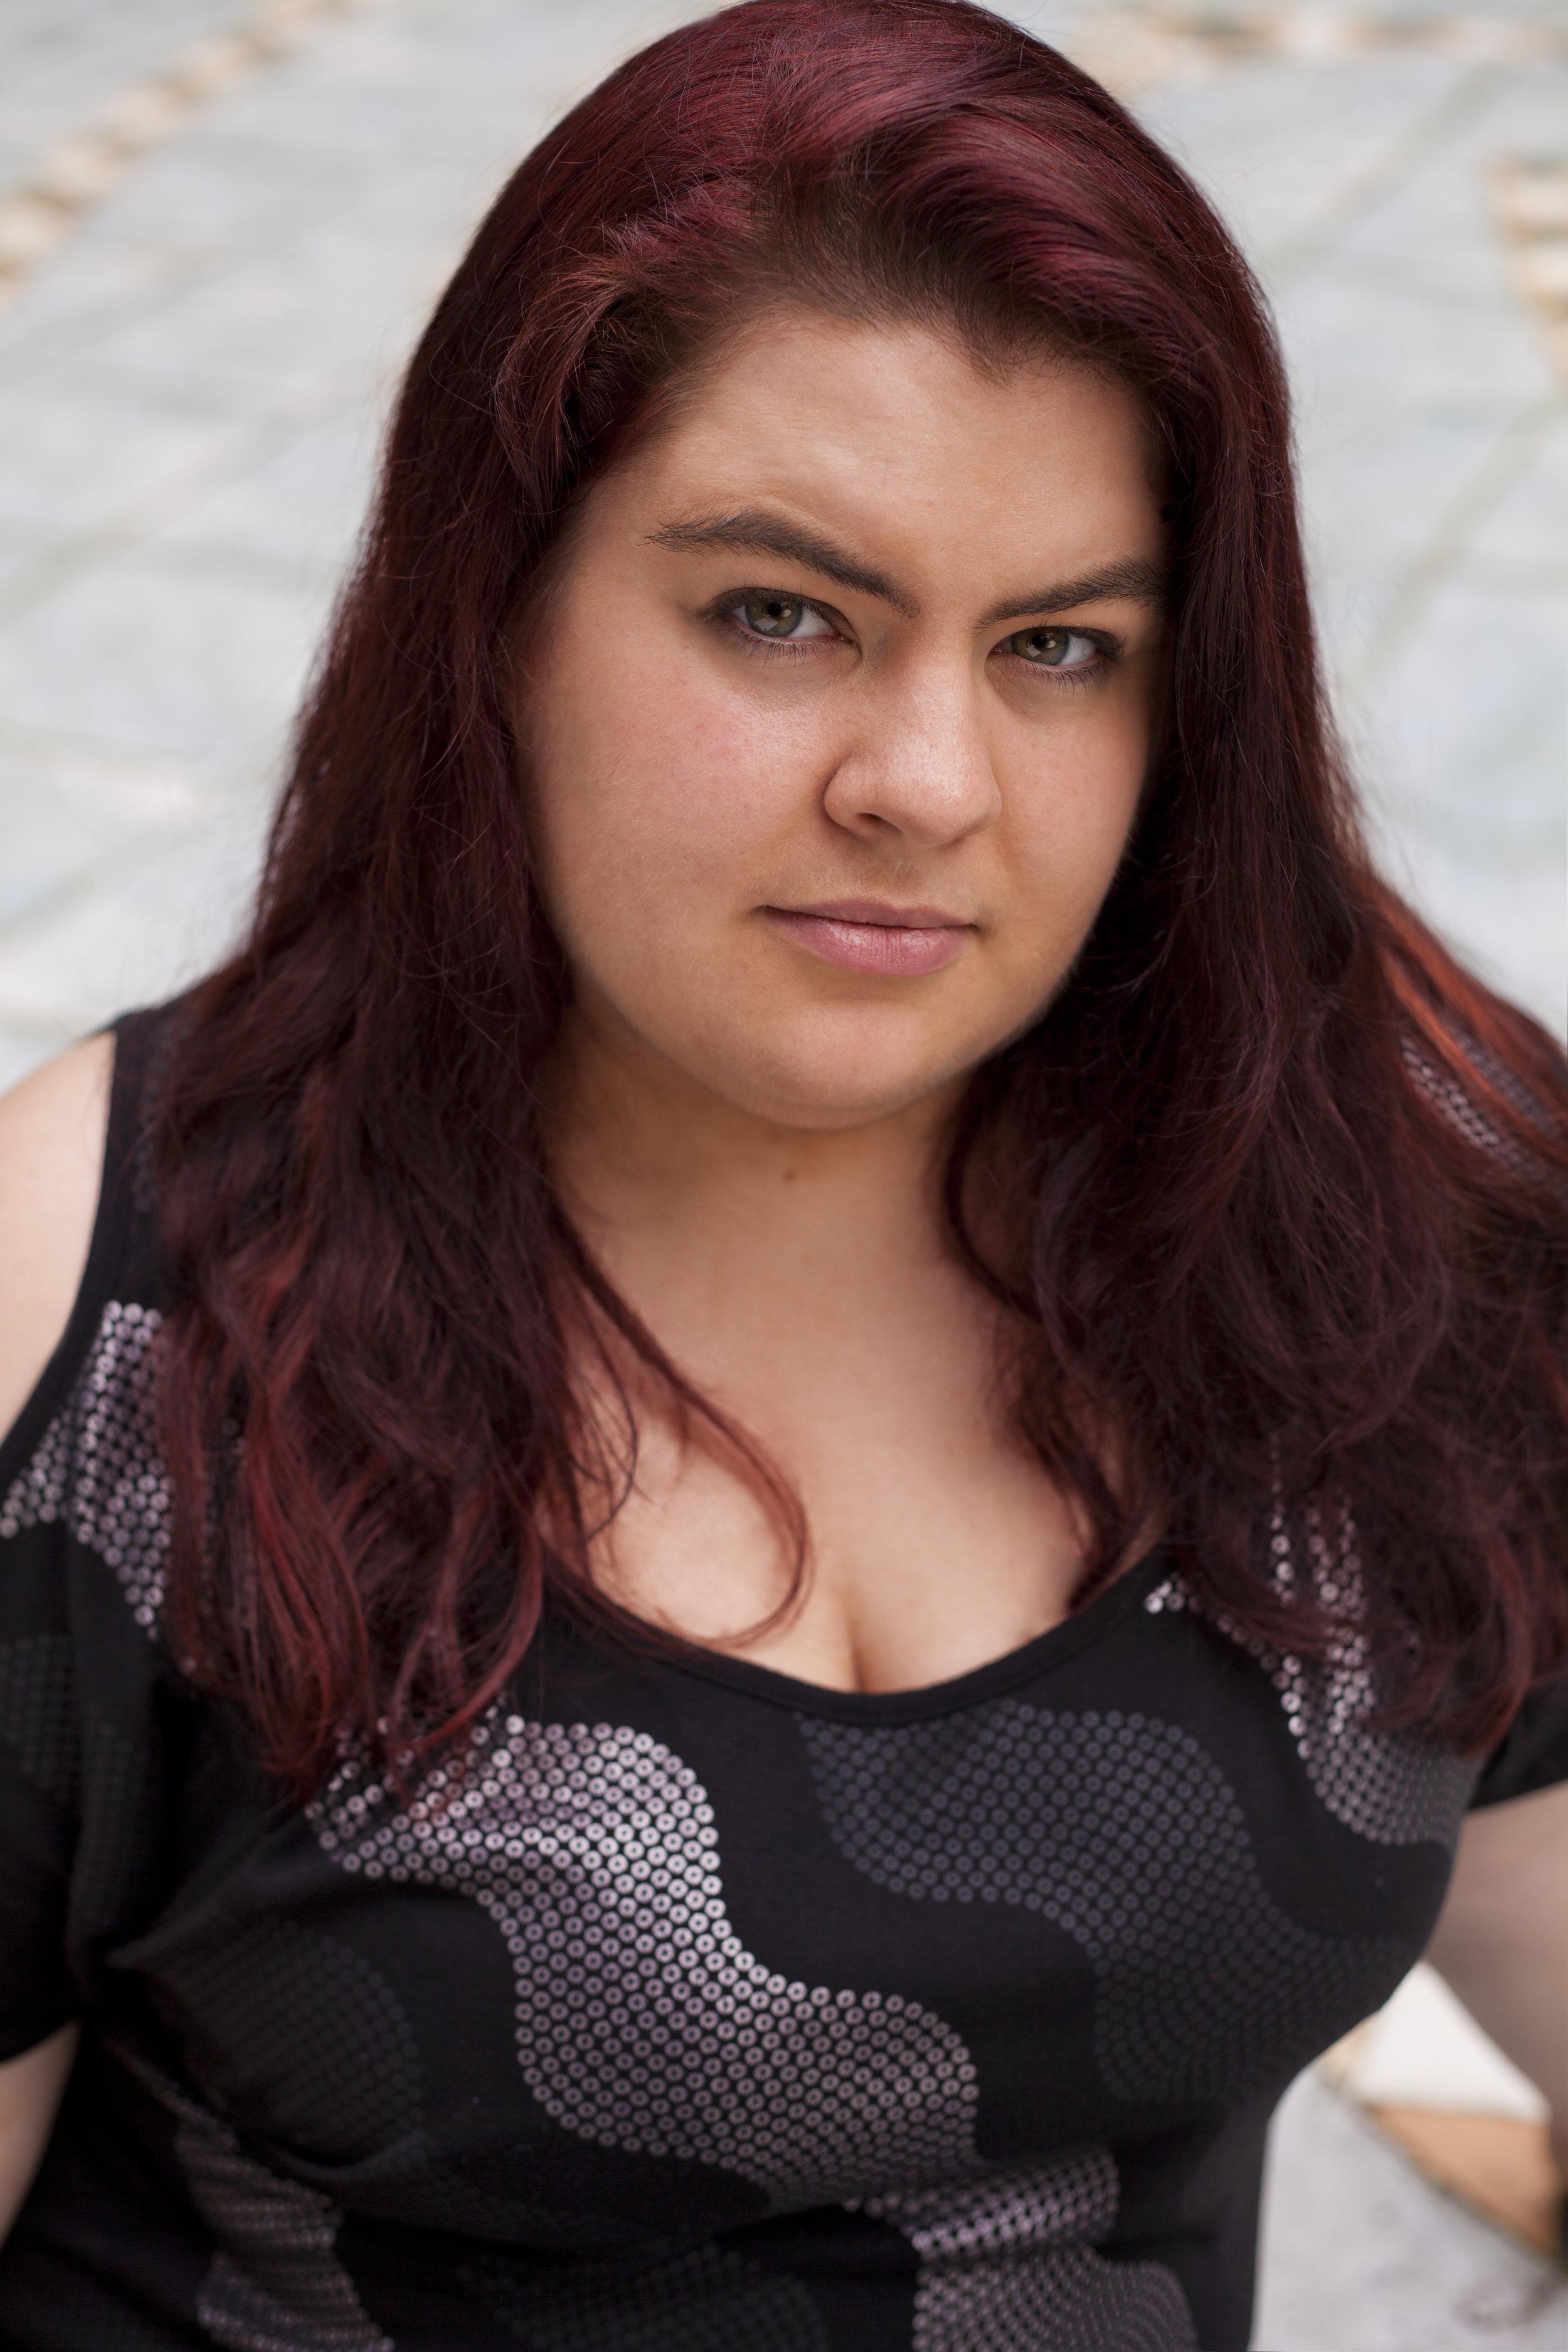 Rachel Charlee Hoffman